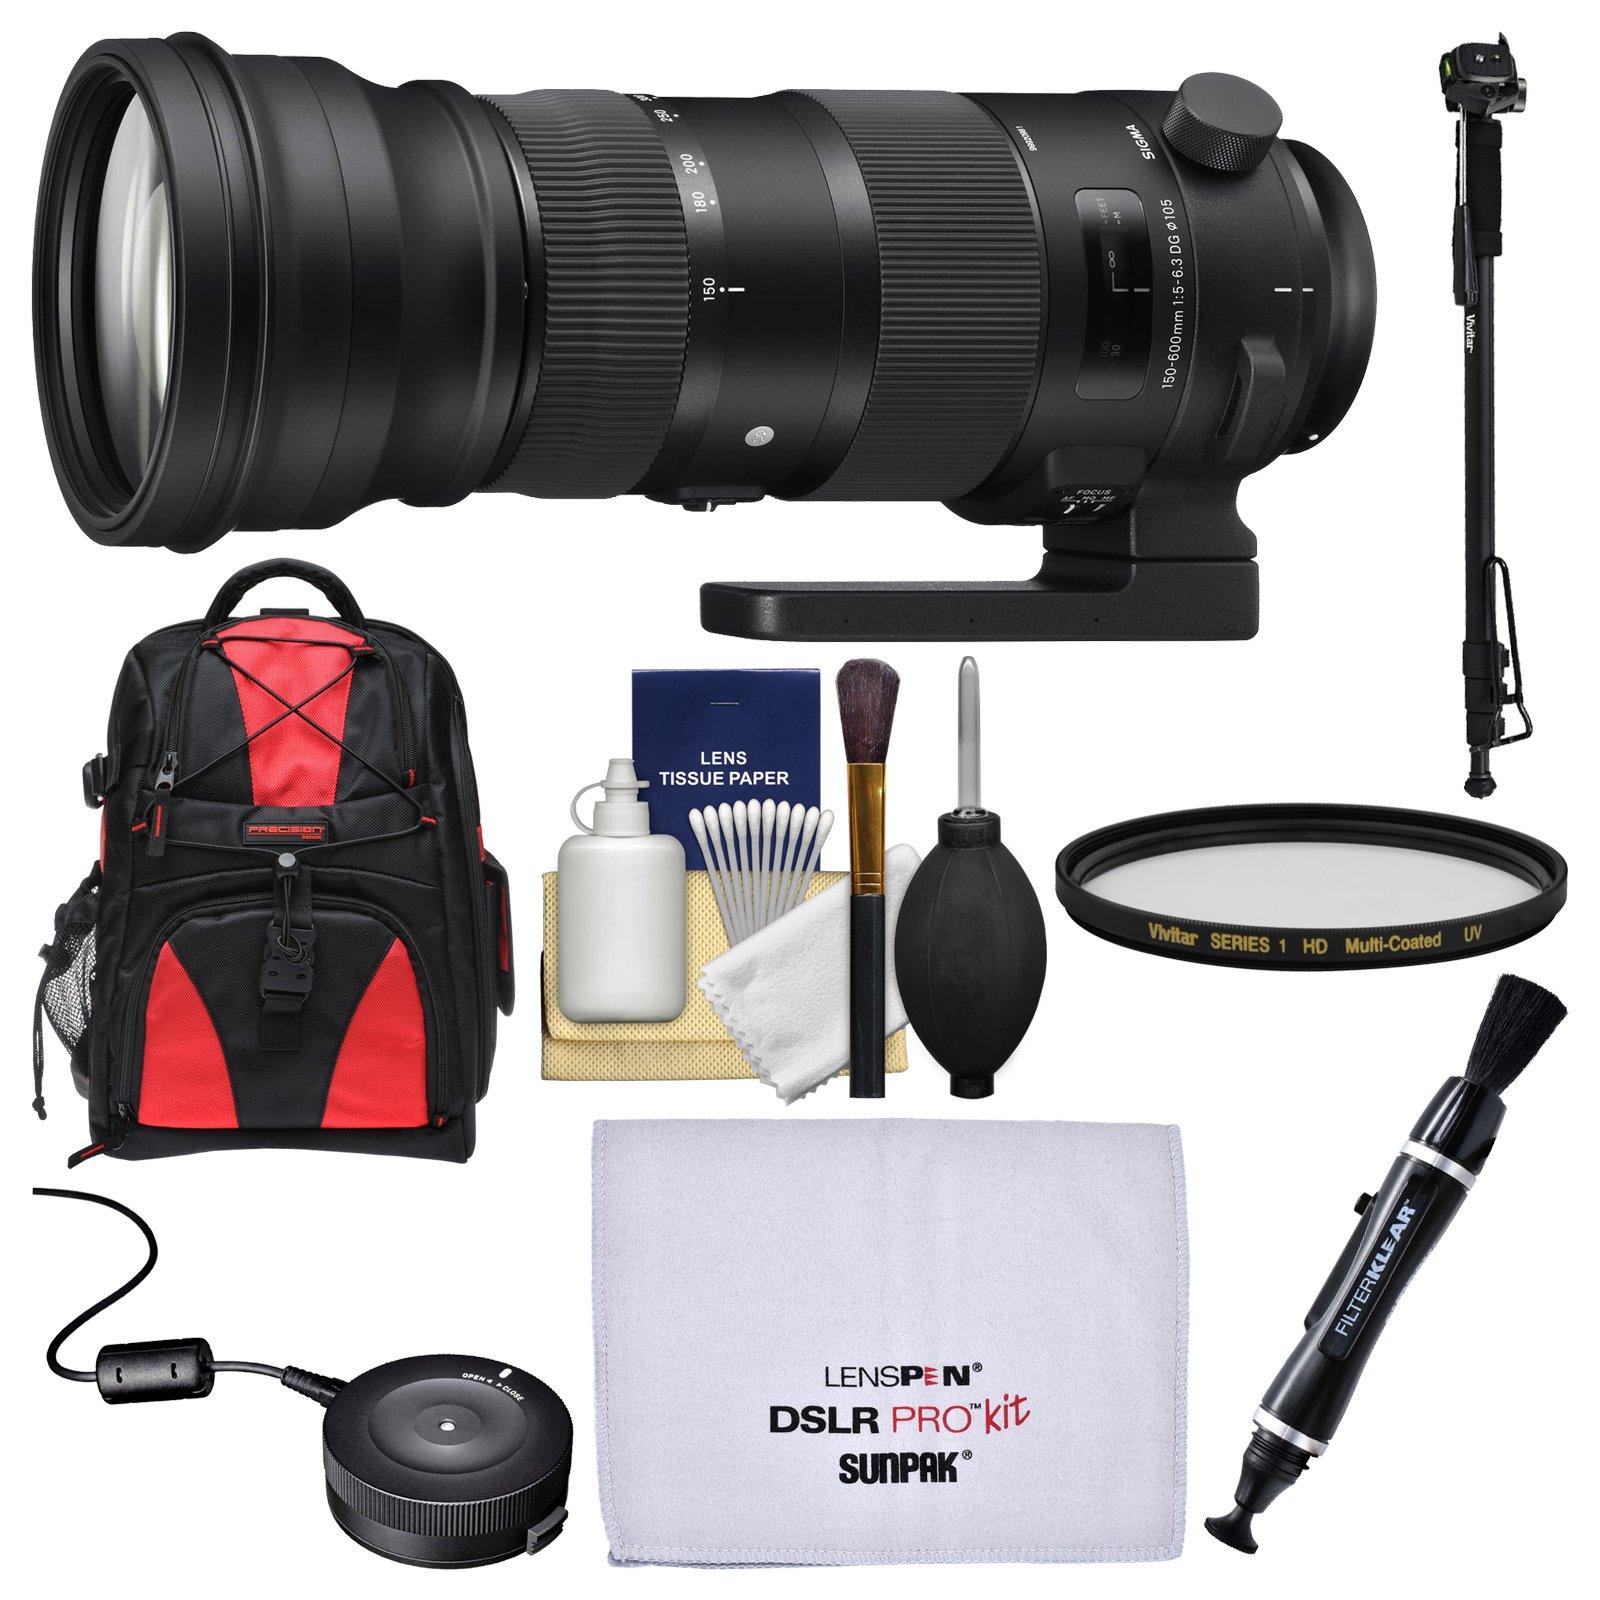 Sigma 150-600mm f/5.0-6.3 Sports DG OS HSM Zoom Lens with USB Dock + Backpack + UV Filter + Monopod Kit for Nikon Digital SLR Cameras